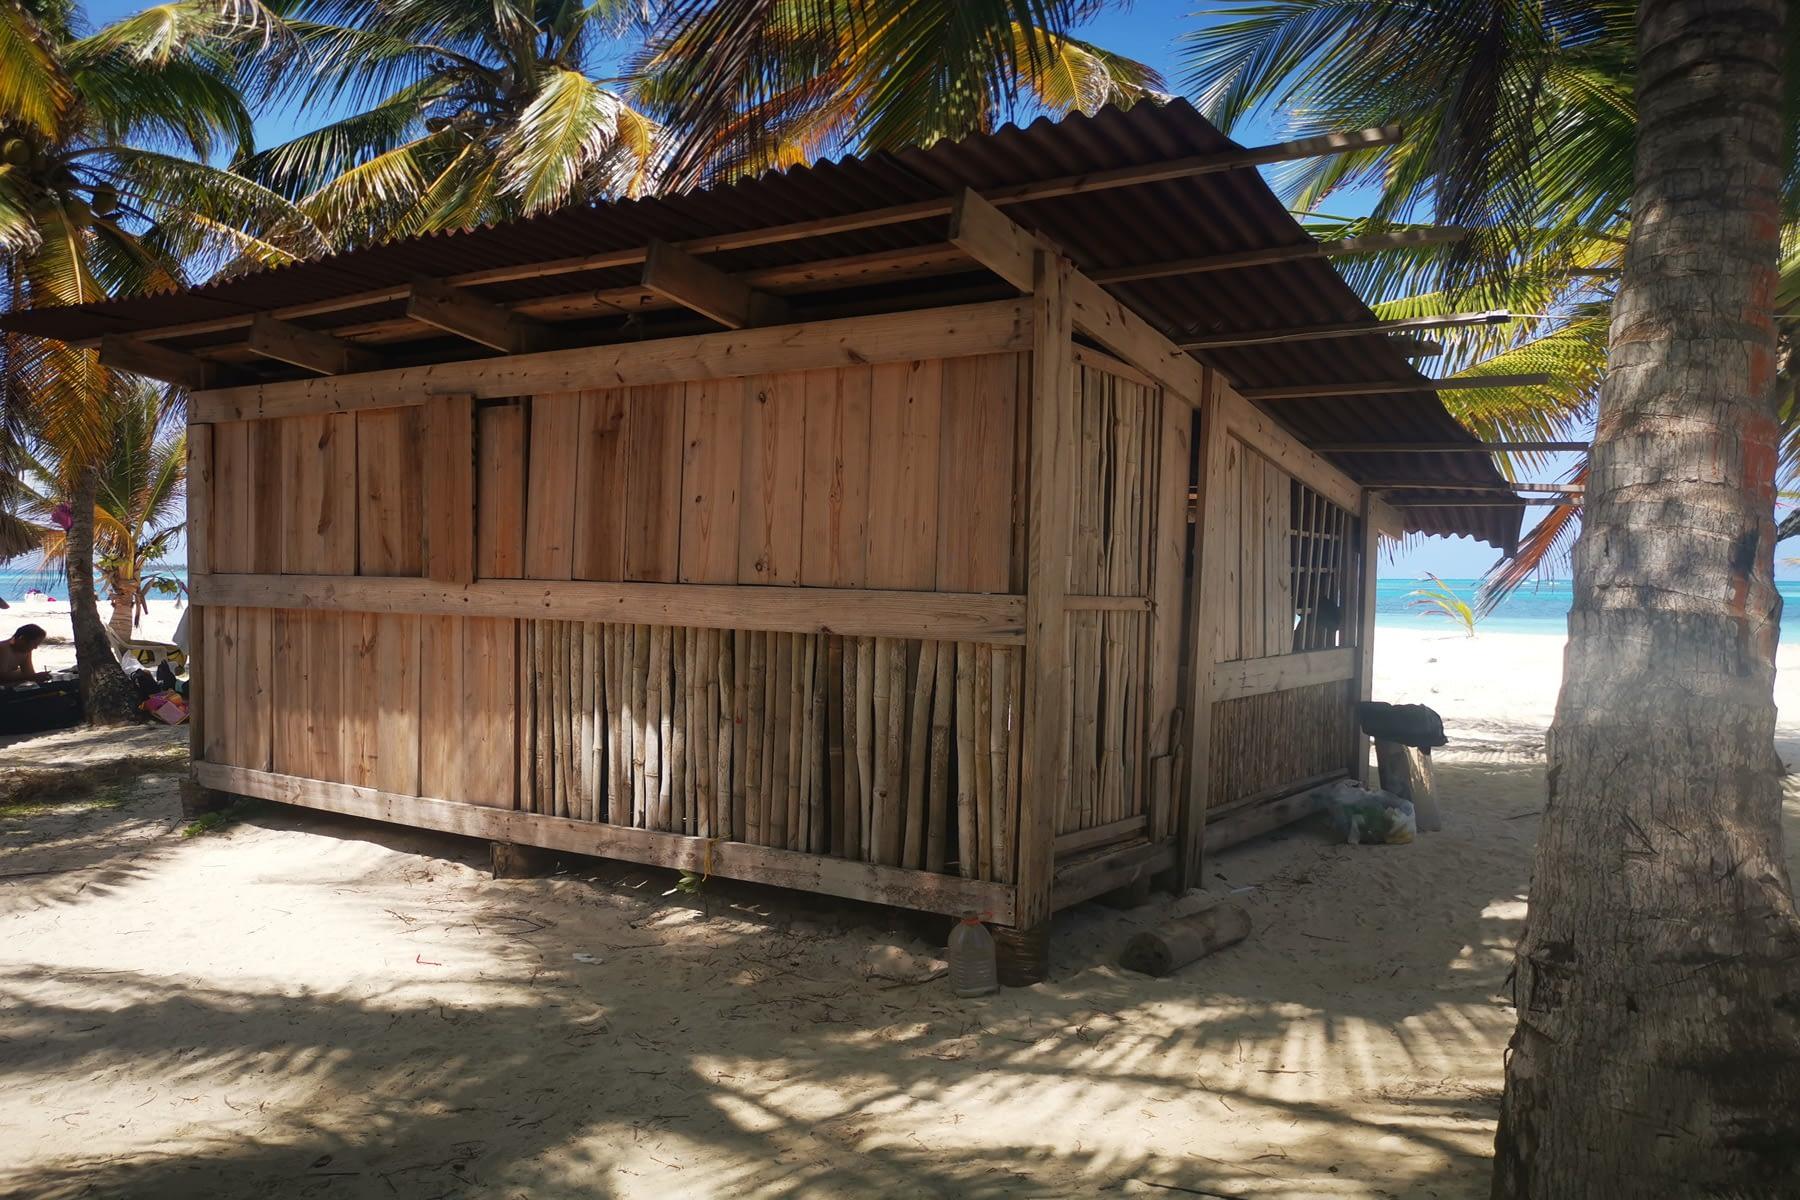 Cabaña de madera y bambú en la isla Masargandub